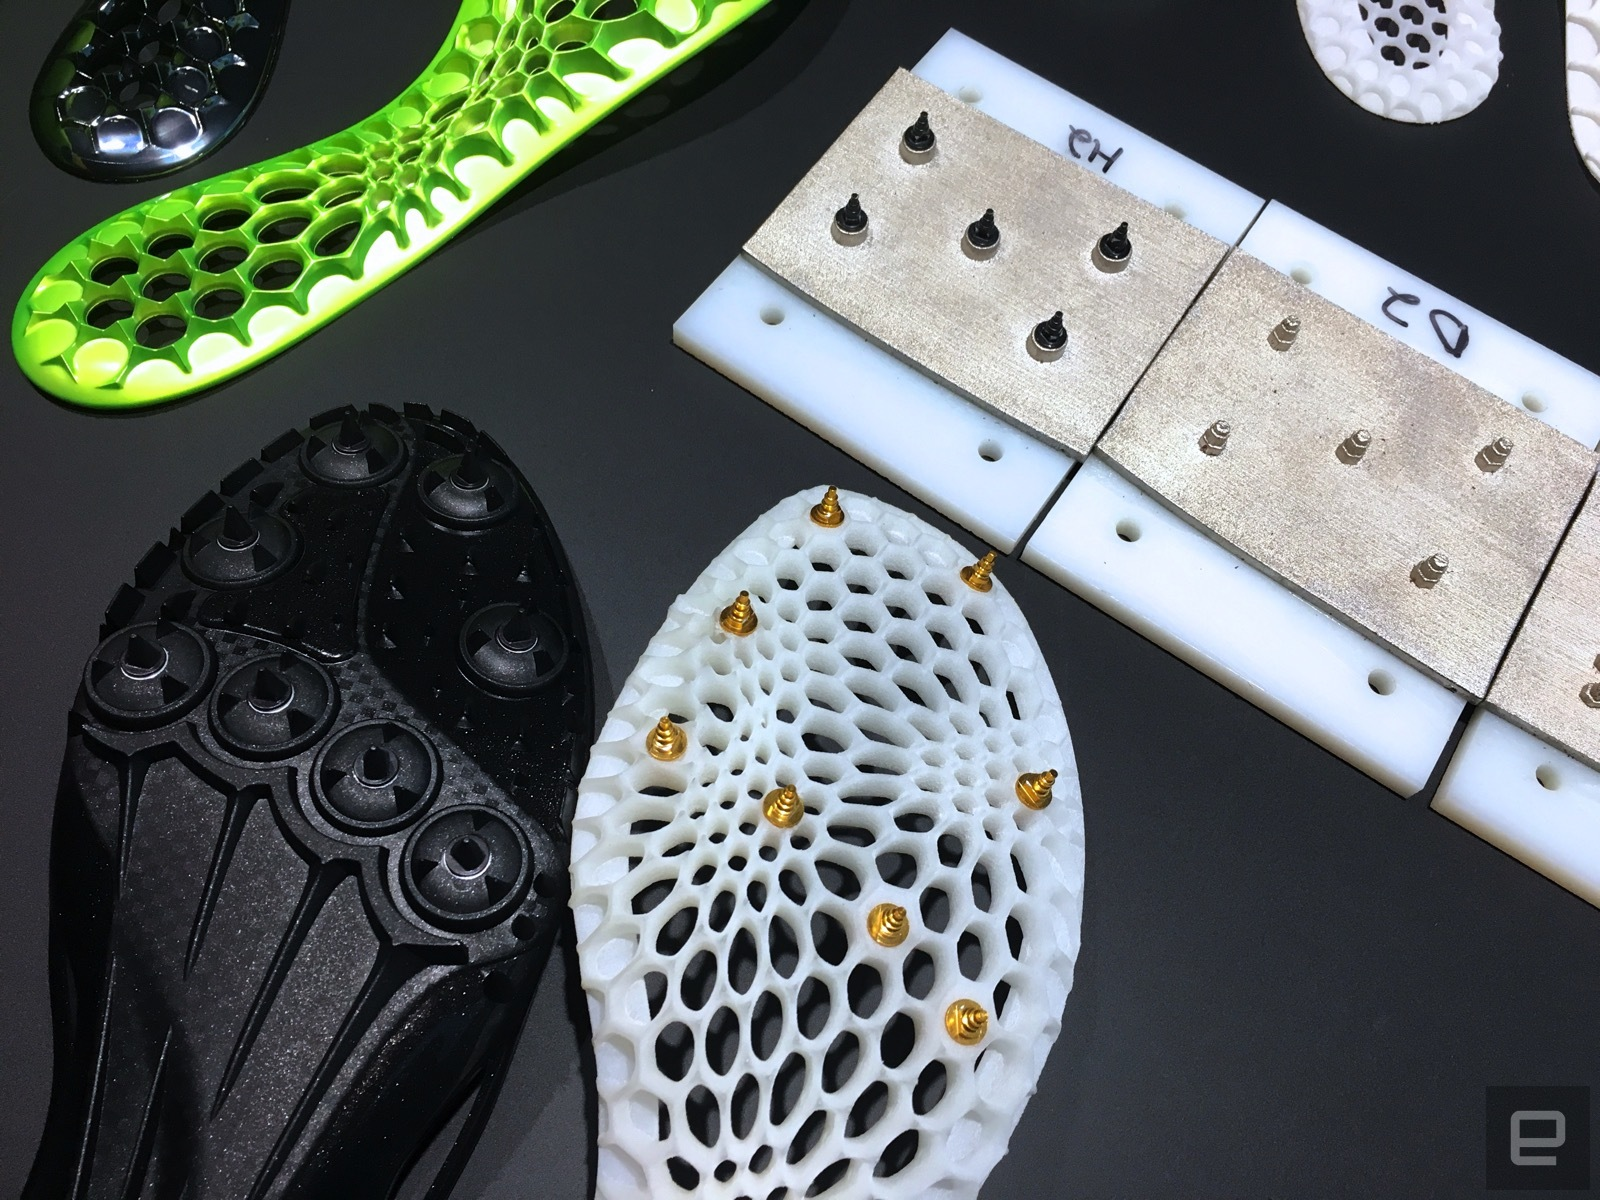 Nike использует 3D печать и ноги Олимпийских спринтеров для создания новых беговых кроссовок